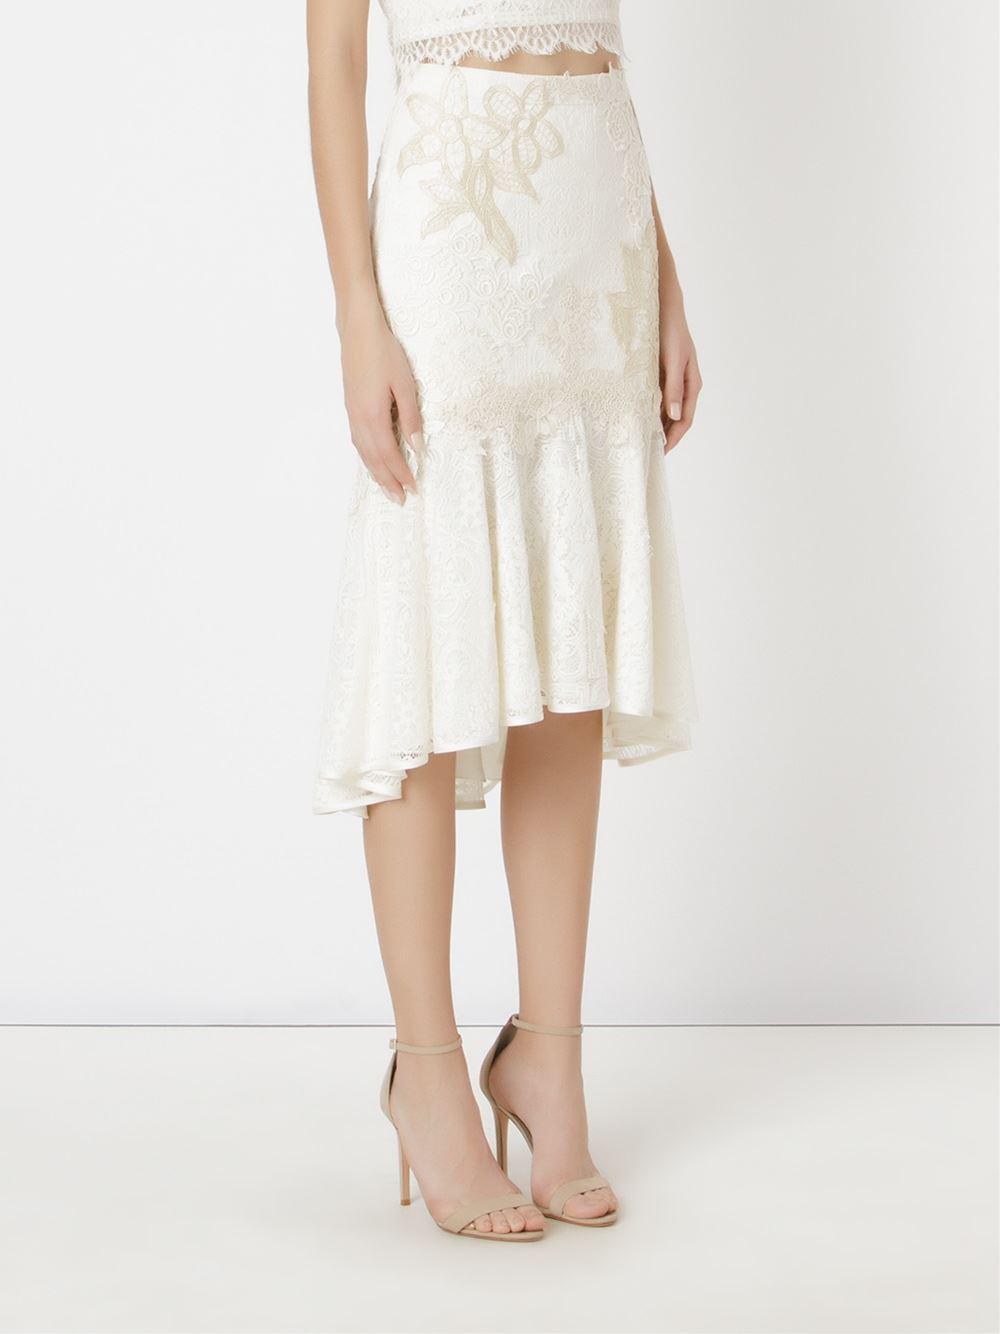 602c46c60 Martha Medeiros - White Embroidered Lace Mix Midi Skirt - Lyst. View  fullscreen